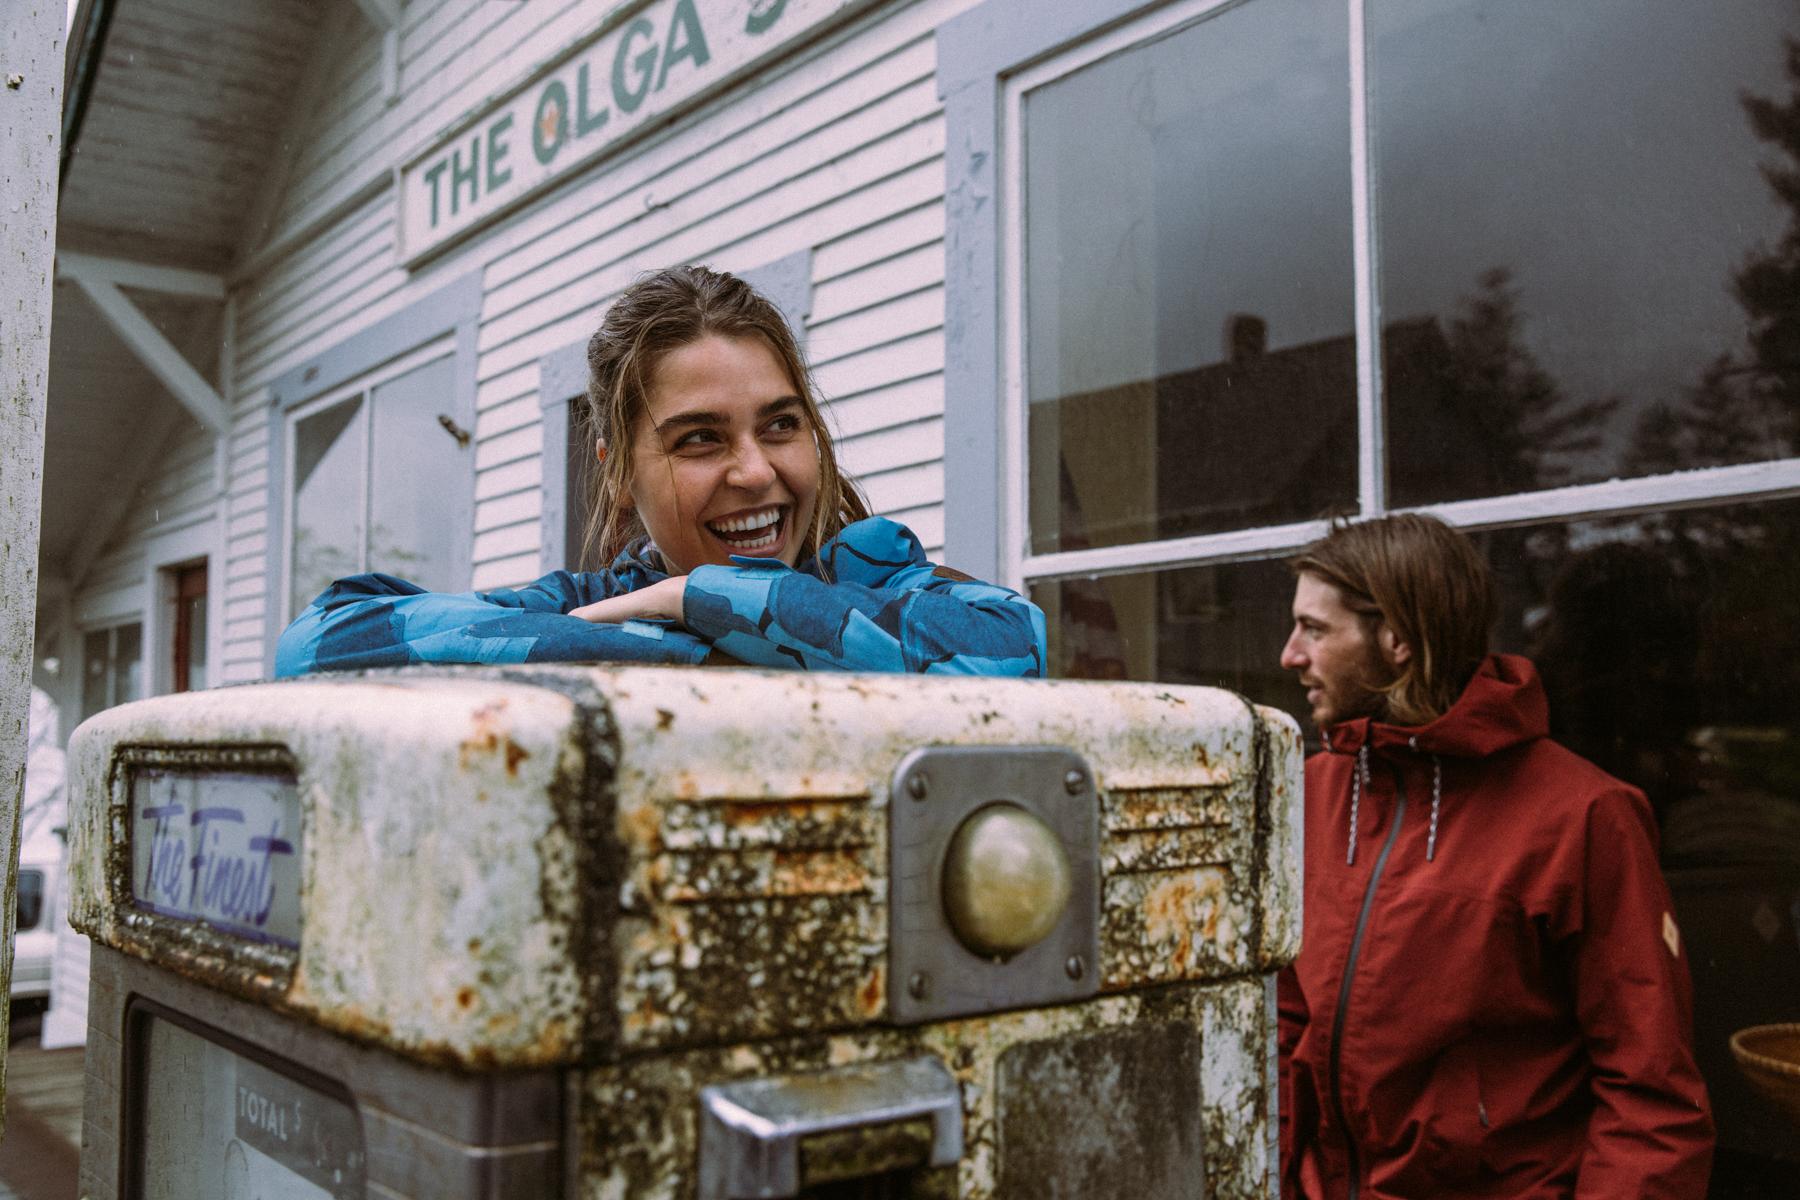 Tavia Bonetti, Gas Station Smiles